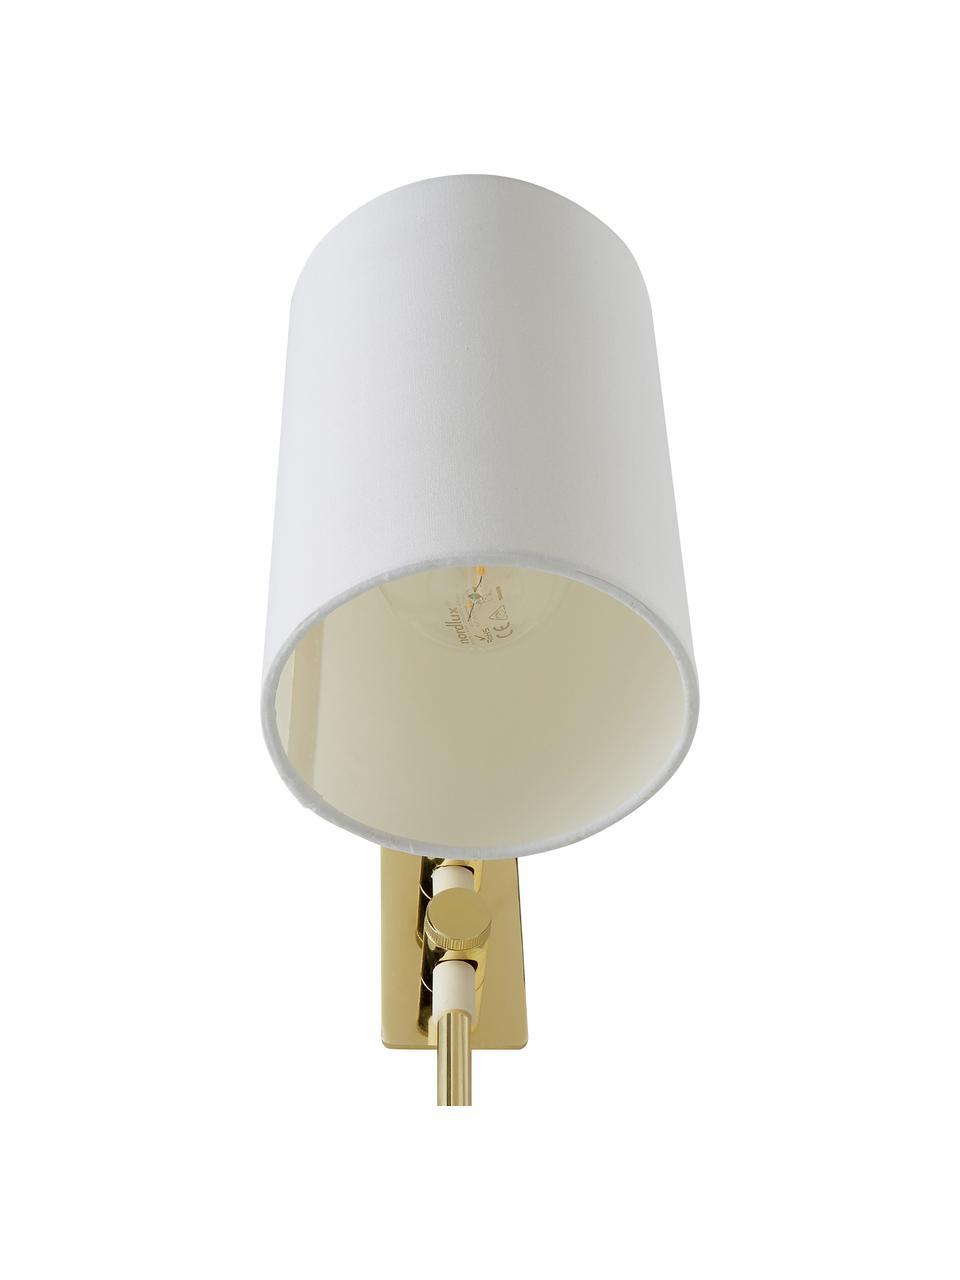 Wandleuchte Isa mit Stecker, Lampenschirm: Baumwollgemisch, Gestell: Metall, Lampengestell:Goldfarben, glänzendLampenschirm:Weiß, 12 x 38 cm